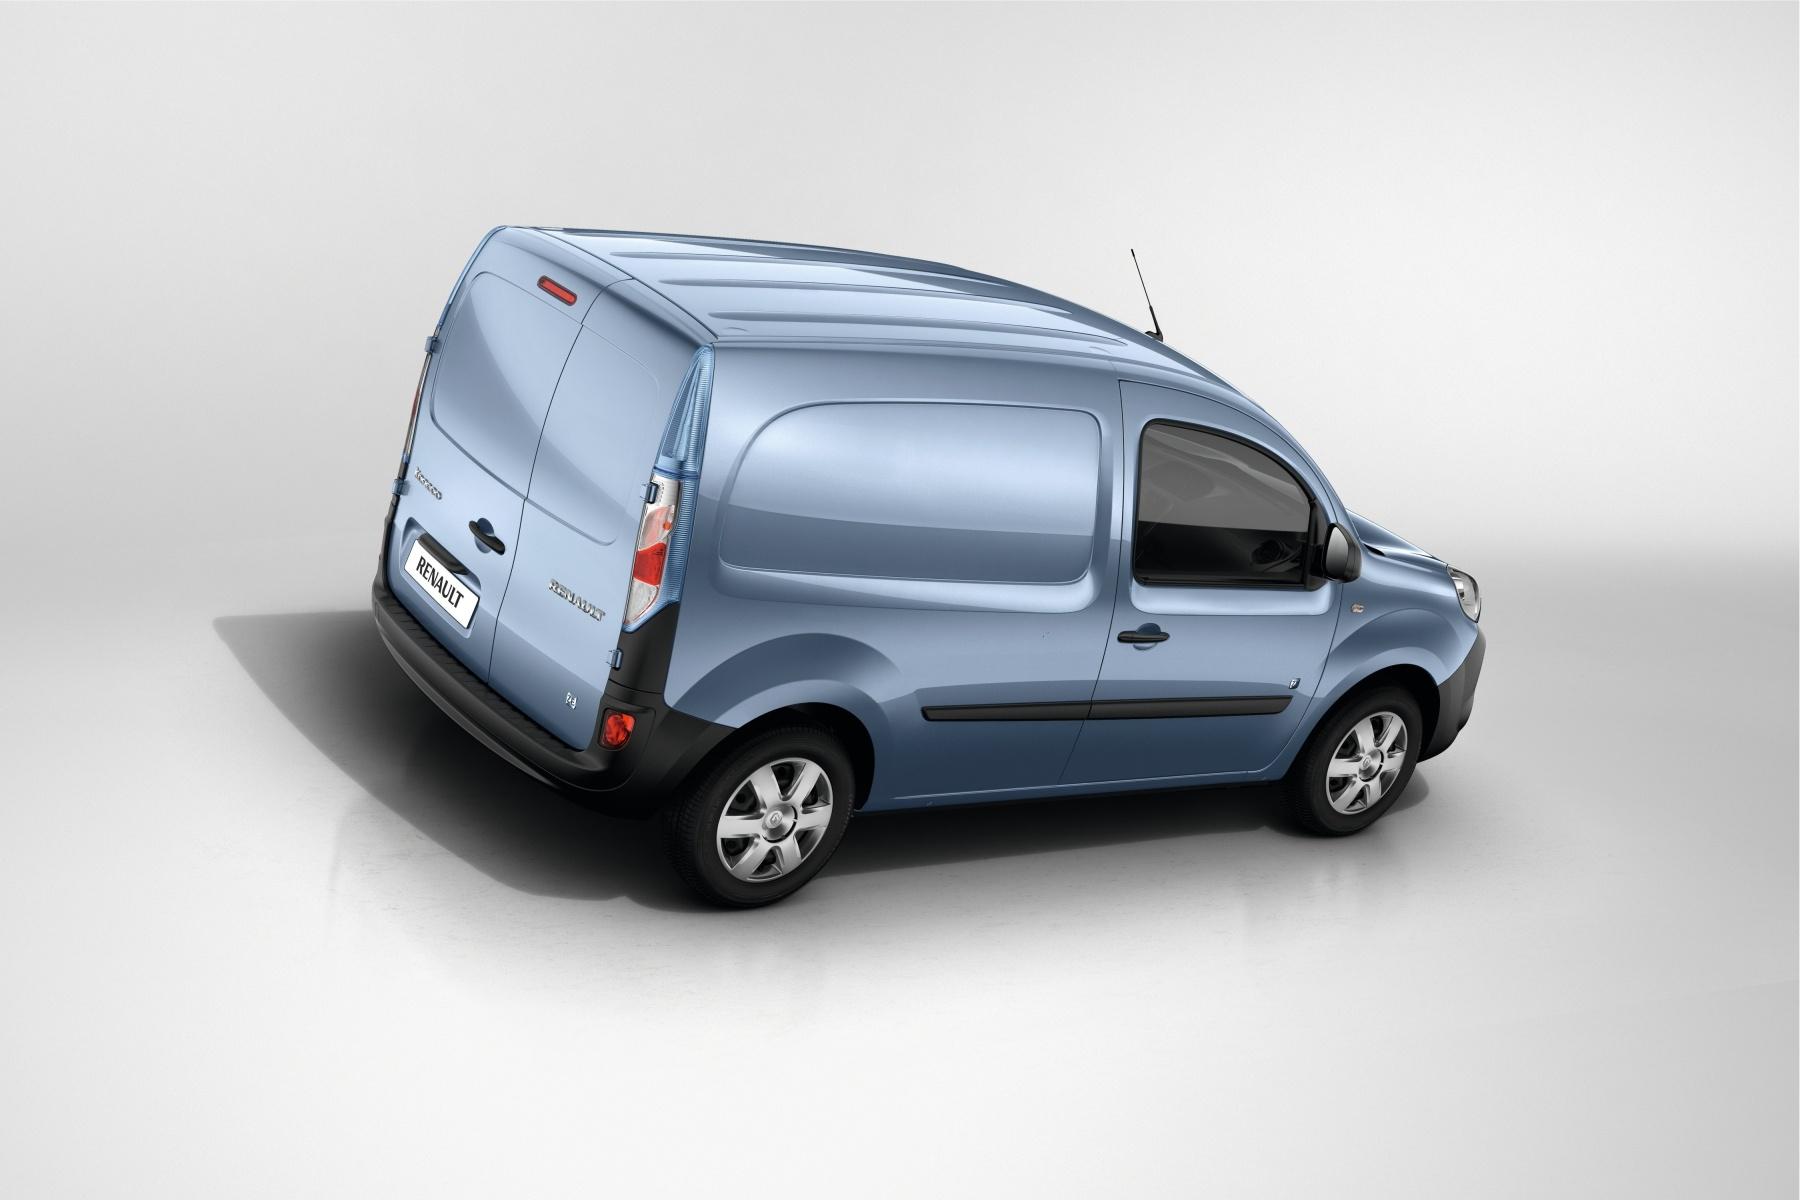 Renault_50321_global_en